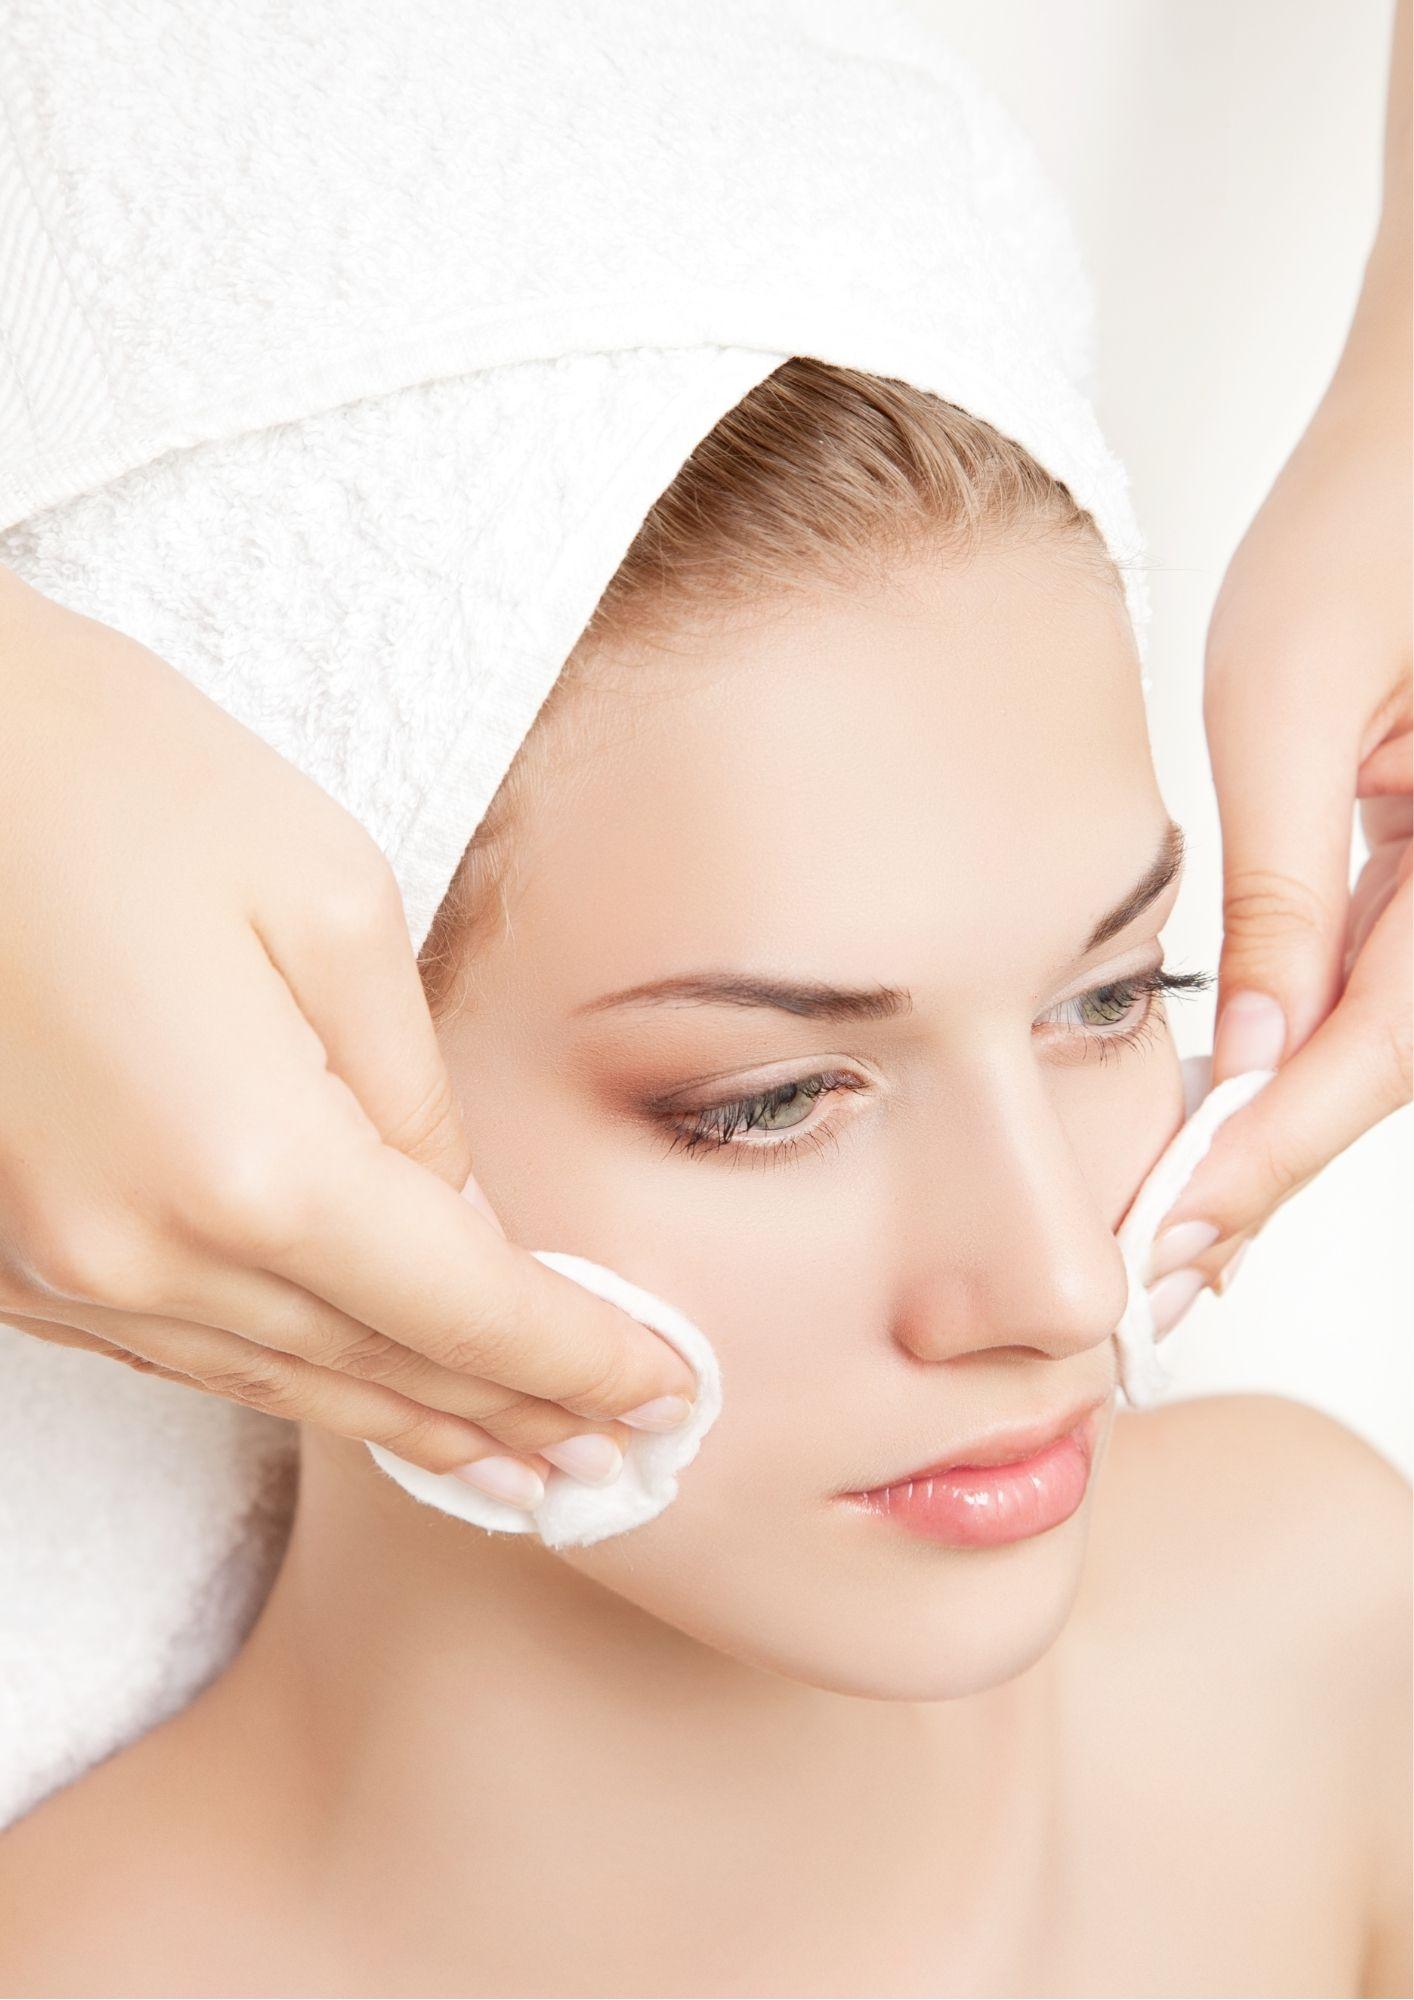 gezigezichtsbehandeling cleyo beauty professional